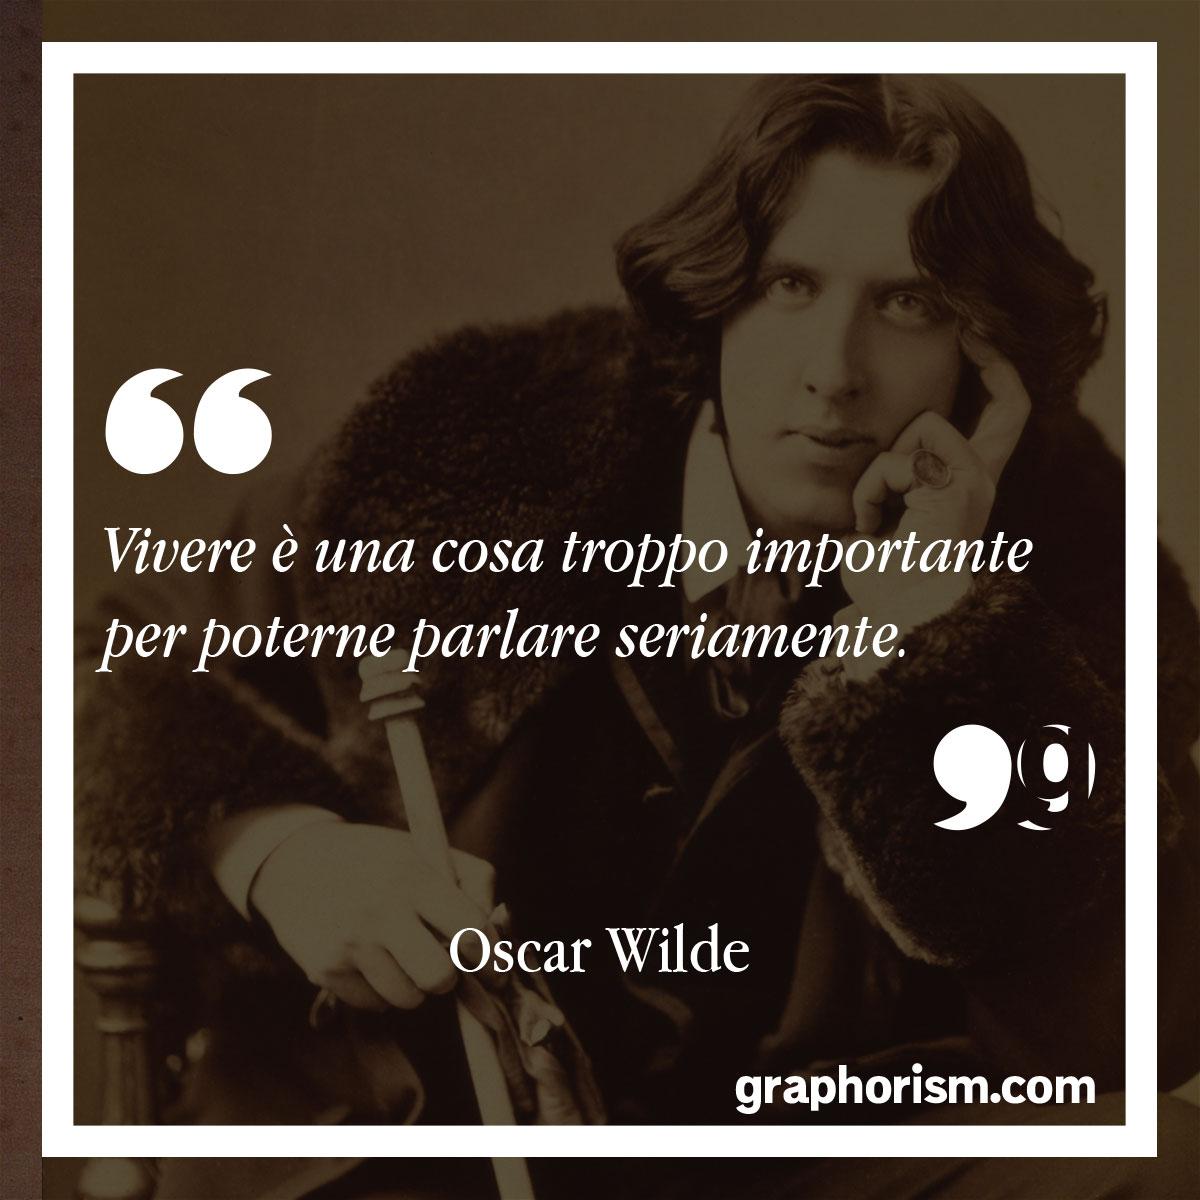 Oscar Wilde: Vivere è una cosa troppo importante per poterne parlare seriamente